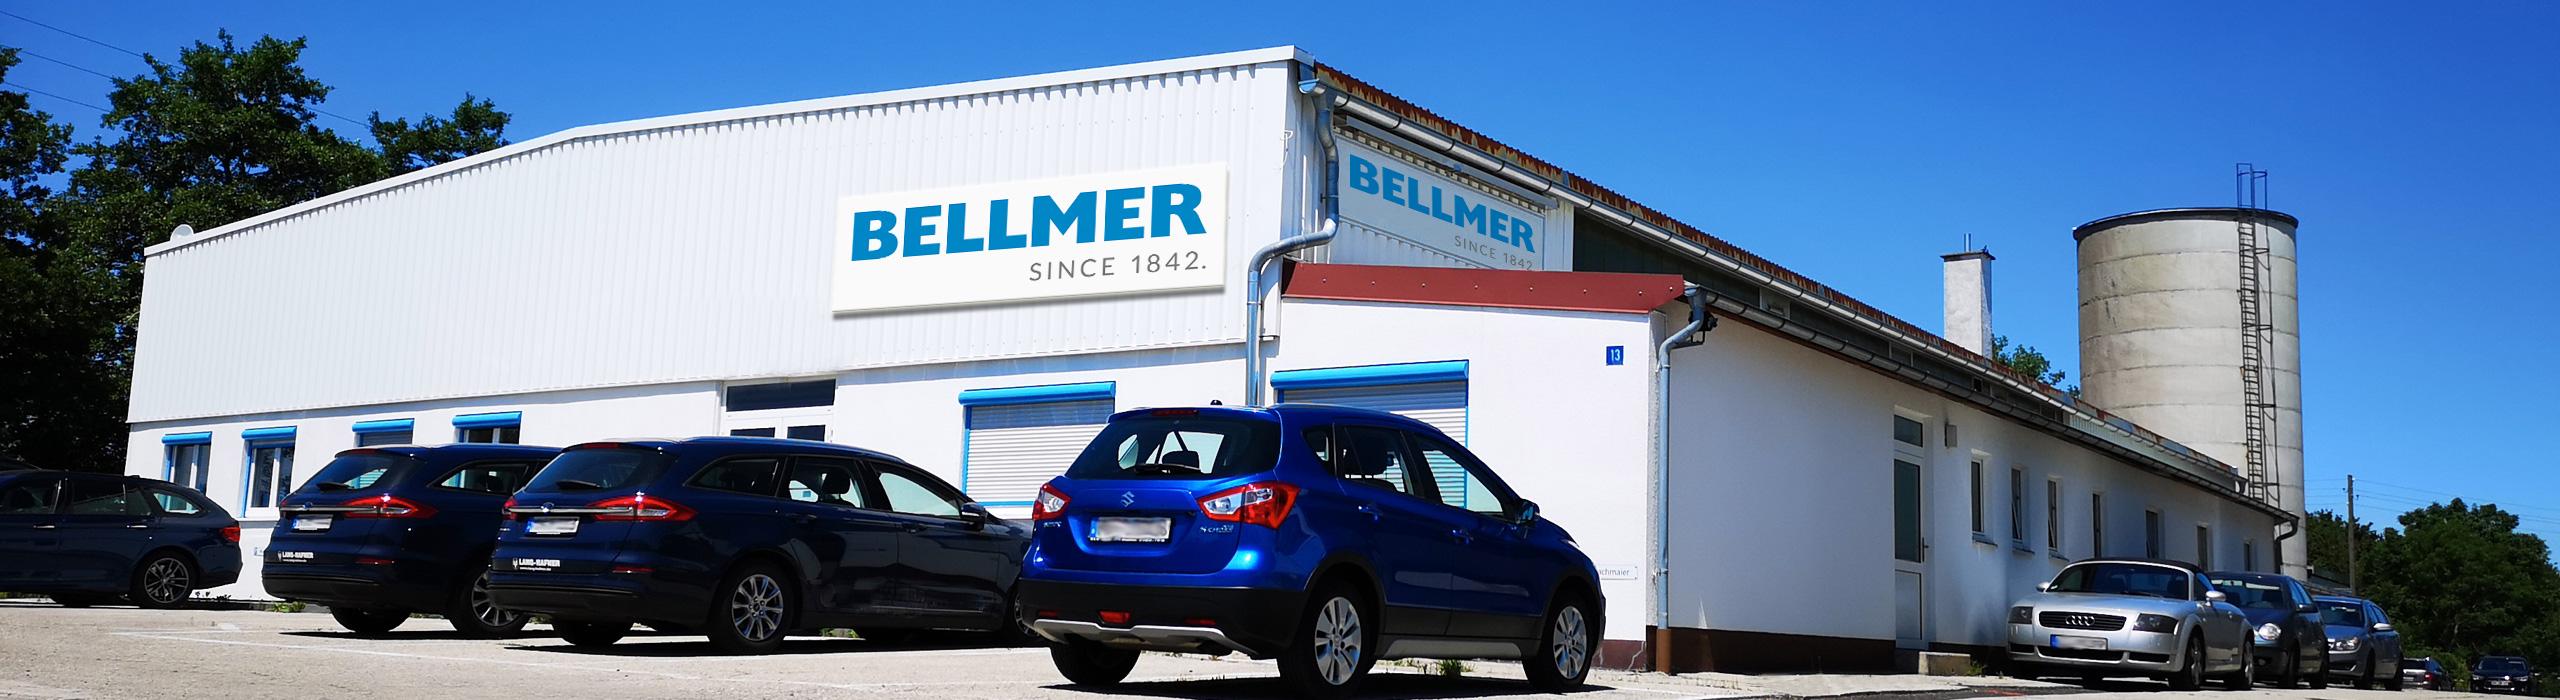 Building Bellmer Lang-Hafner